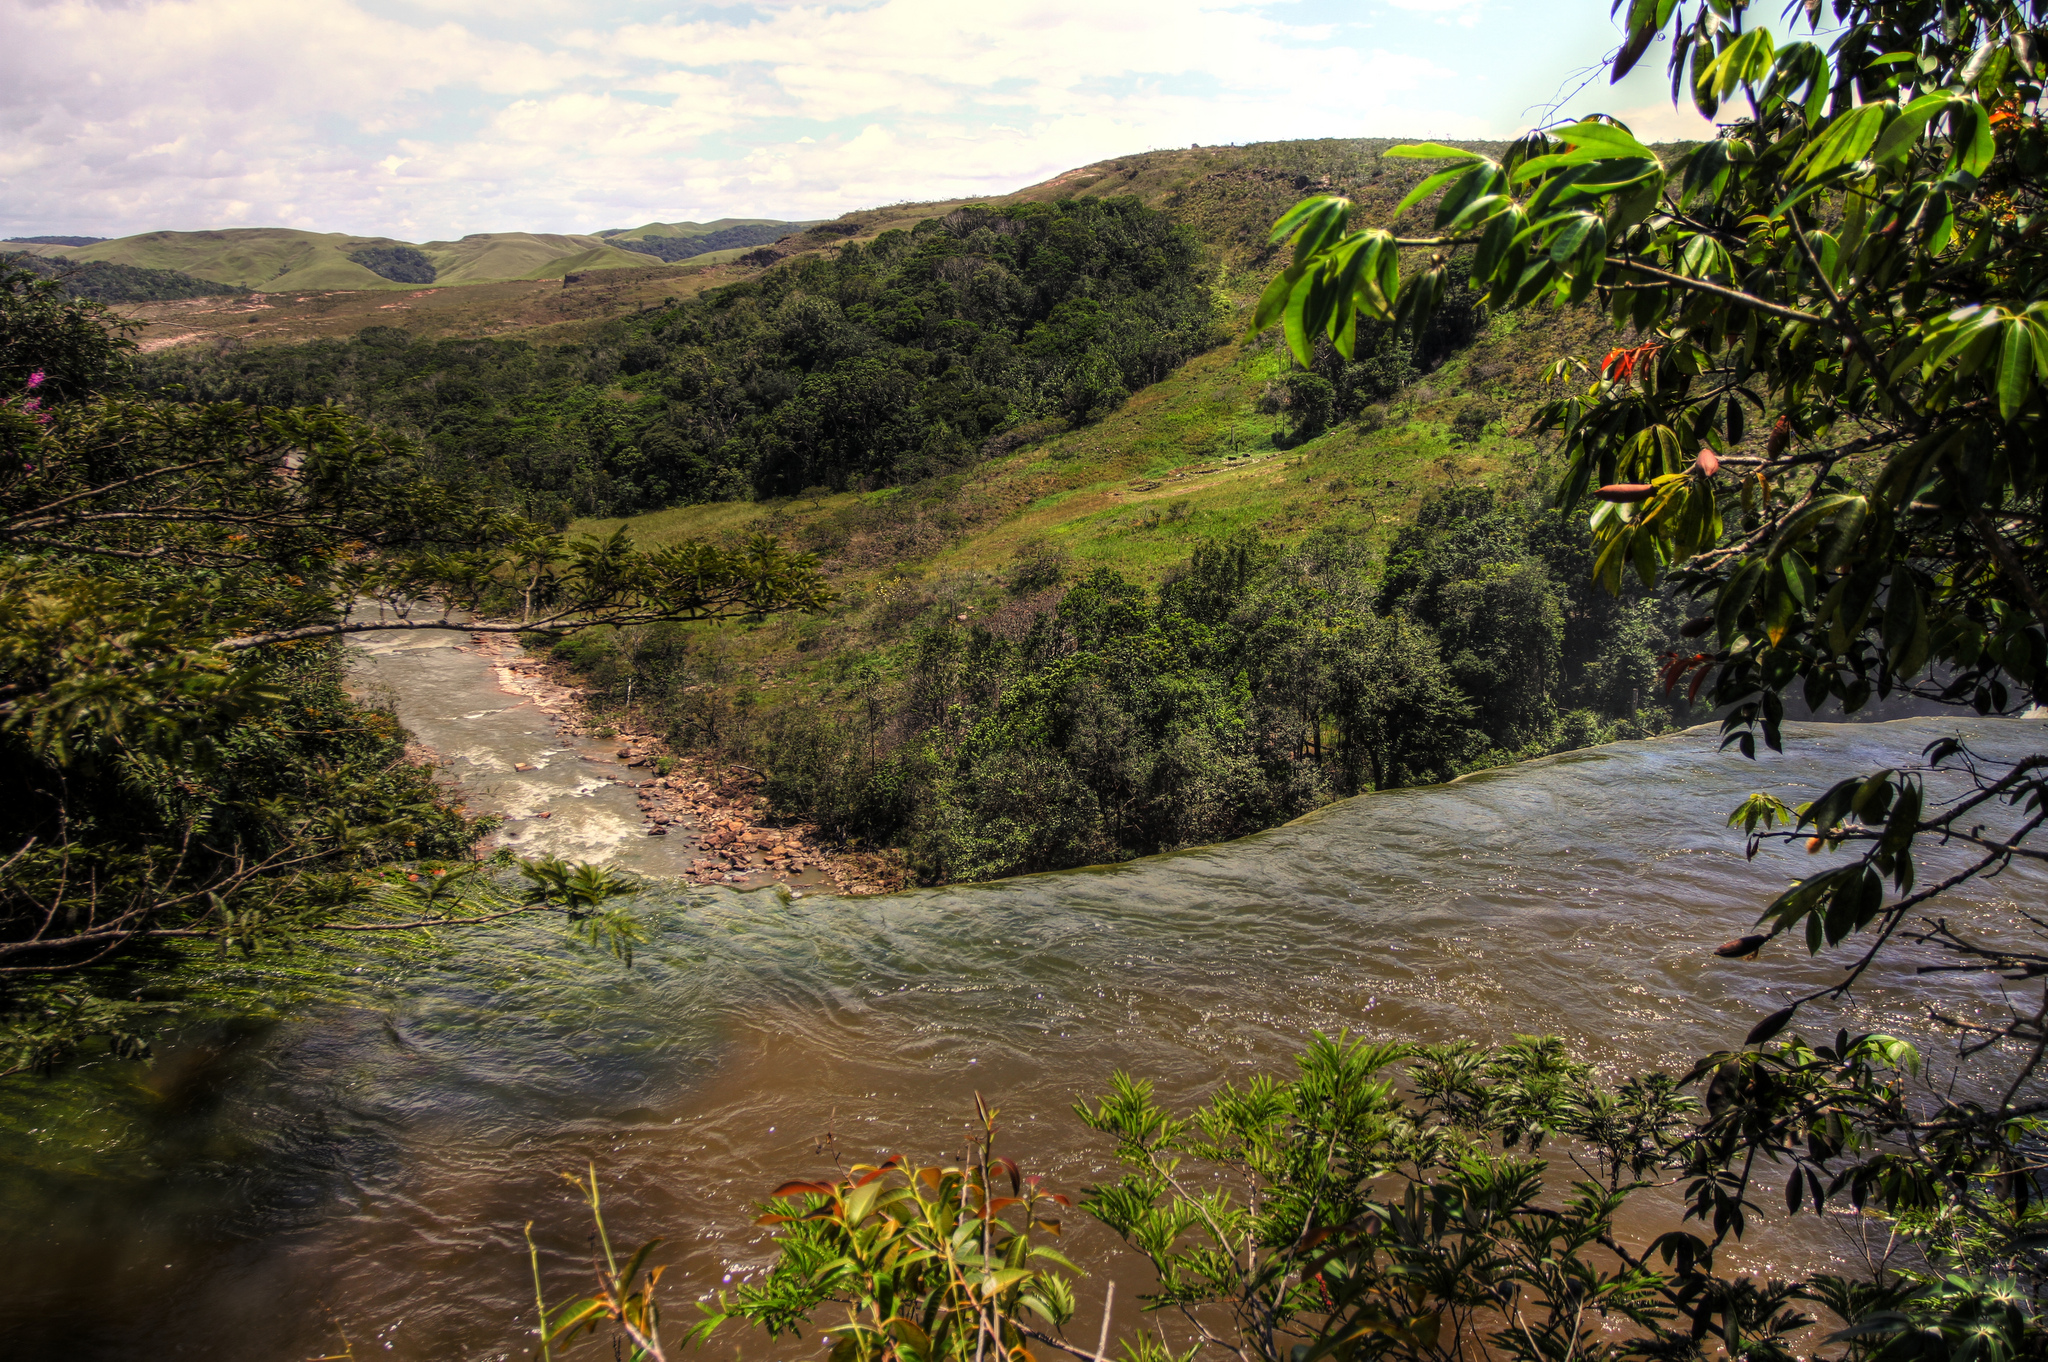 Canaima-Канайма_Национальный_парк_Венесуэла.hd_original